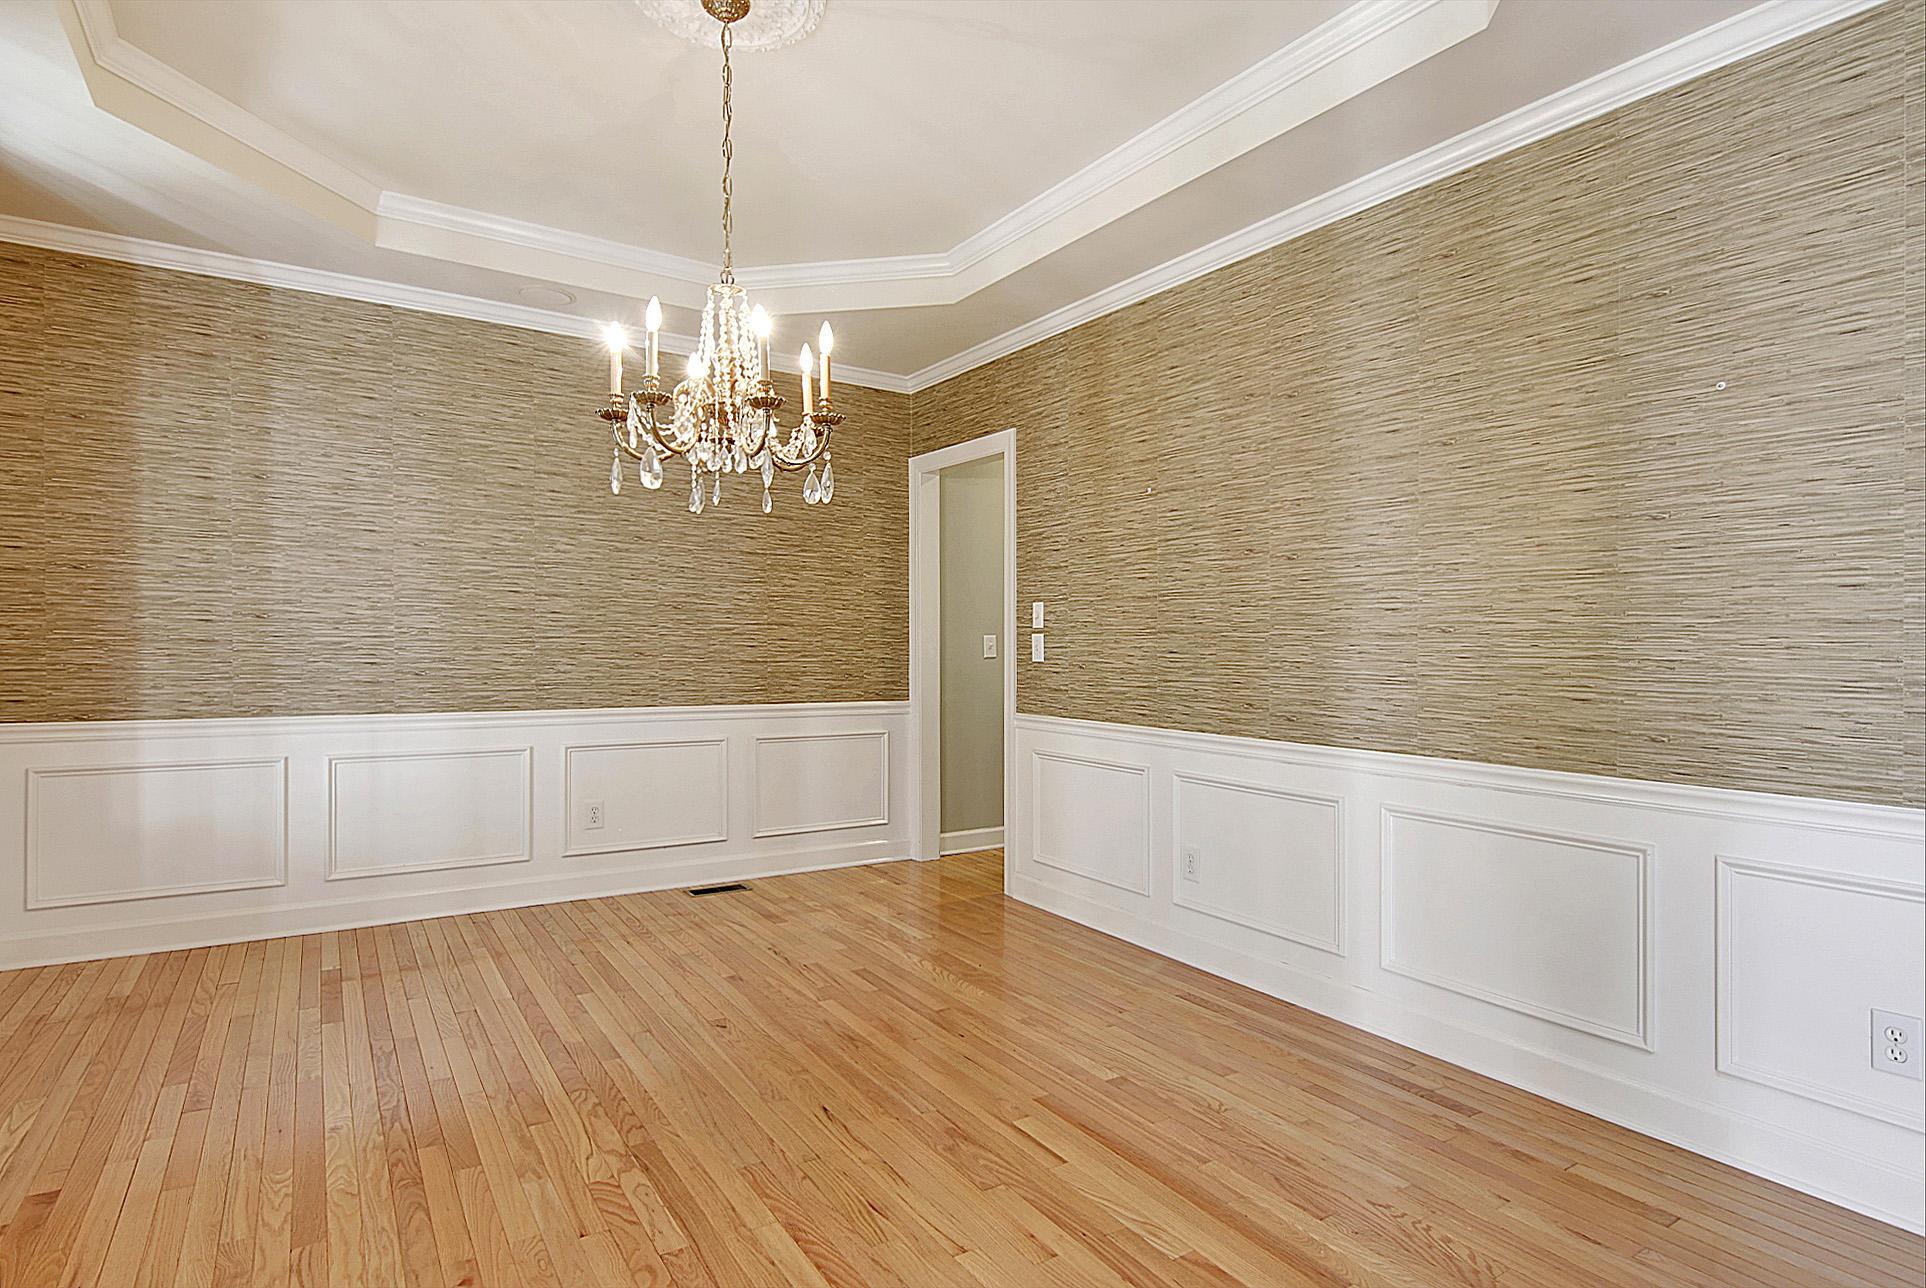 Dunes West Homes For Sale - 2236 Black Oak, Mount Pleasant, SC - 5